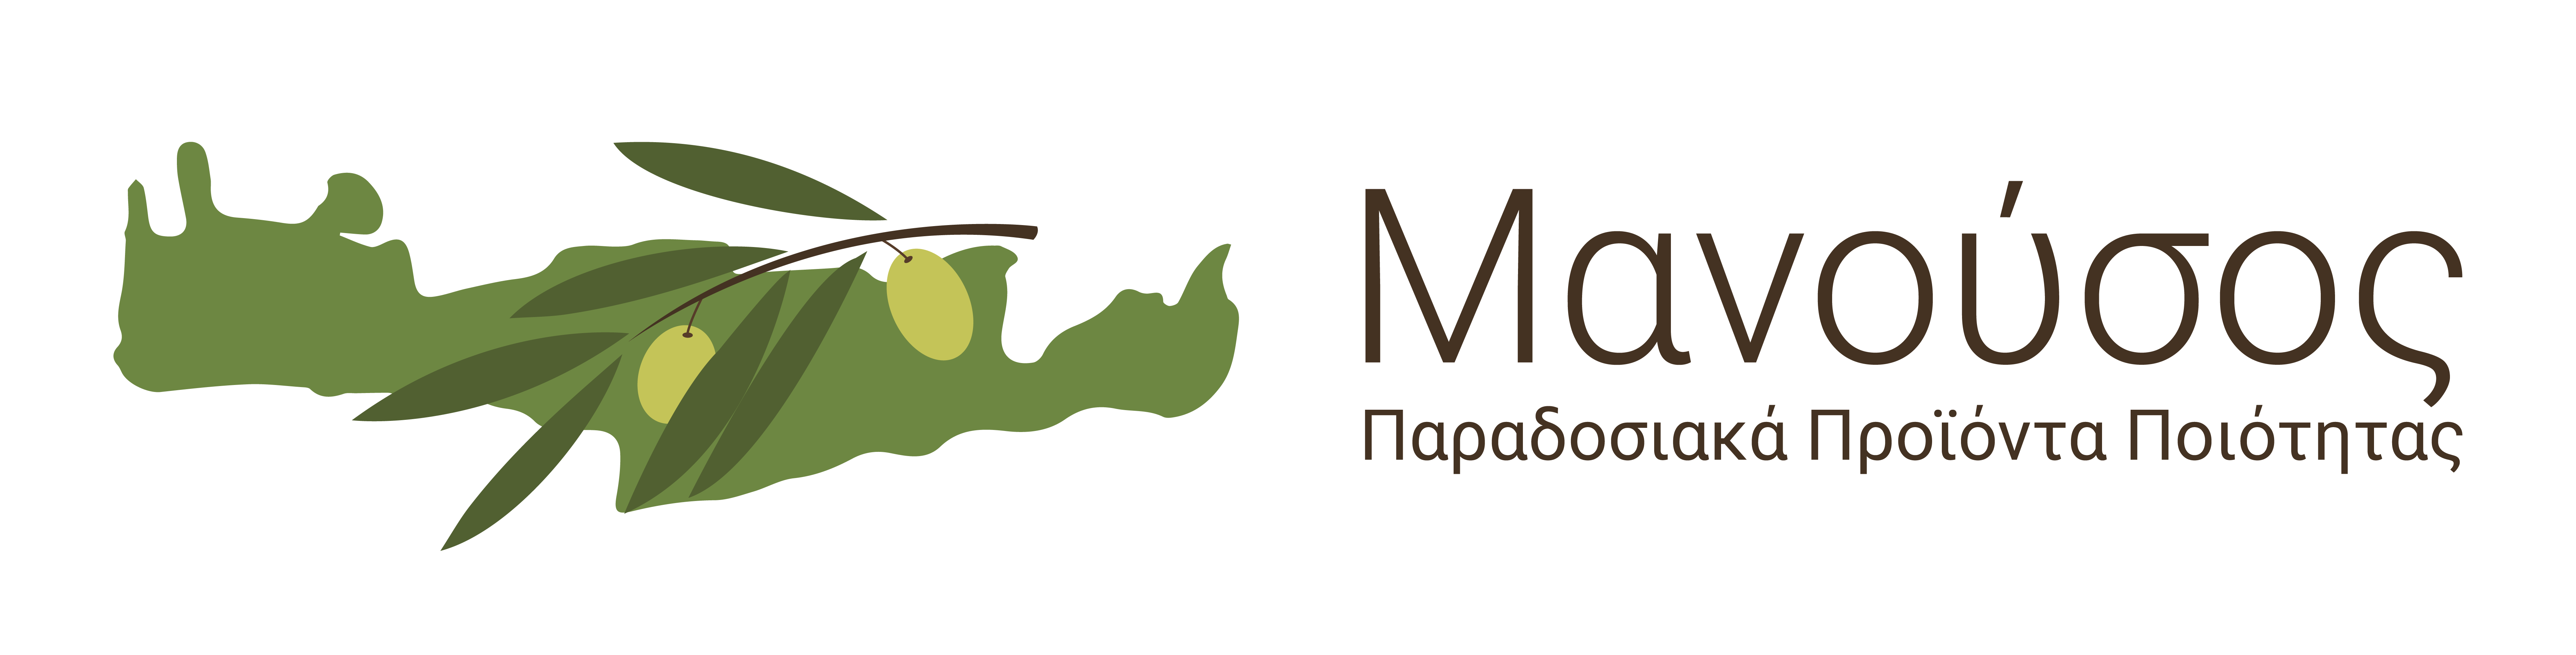 Manousos.com.gr - Παραδοσιακά Προϊόντα Ποιότητας